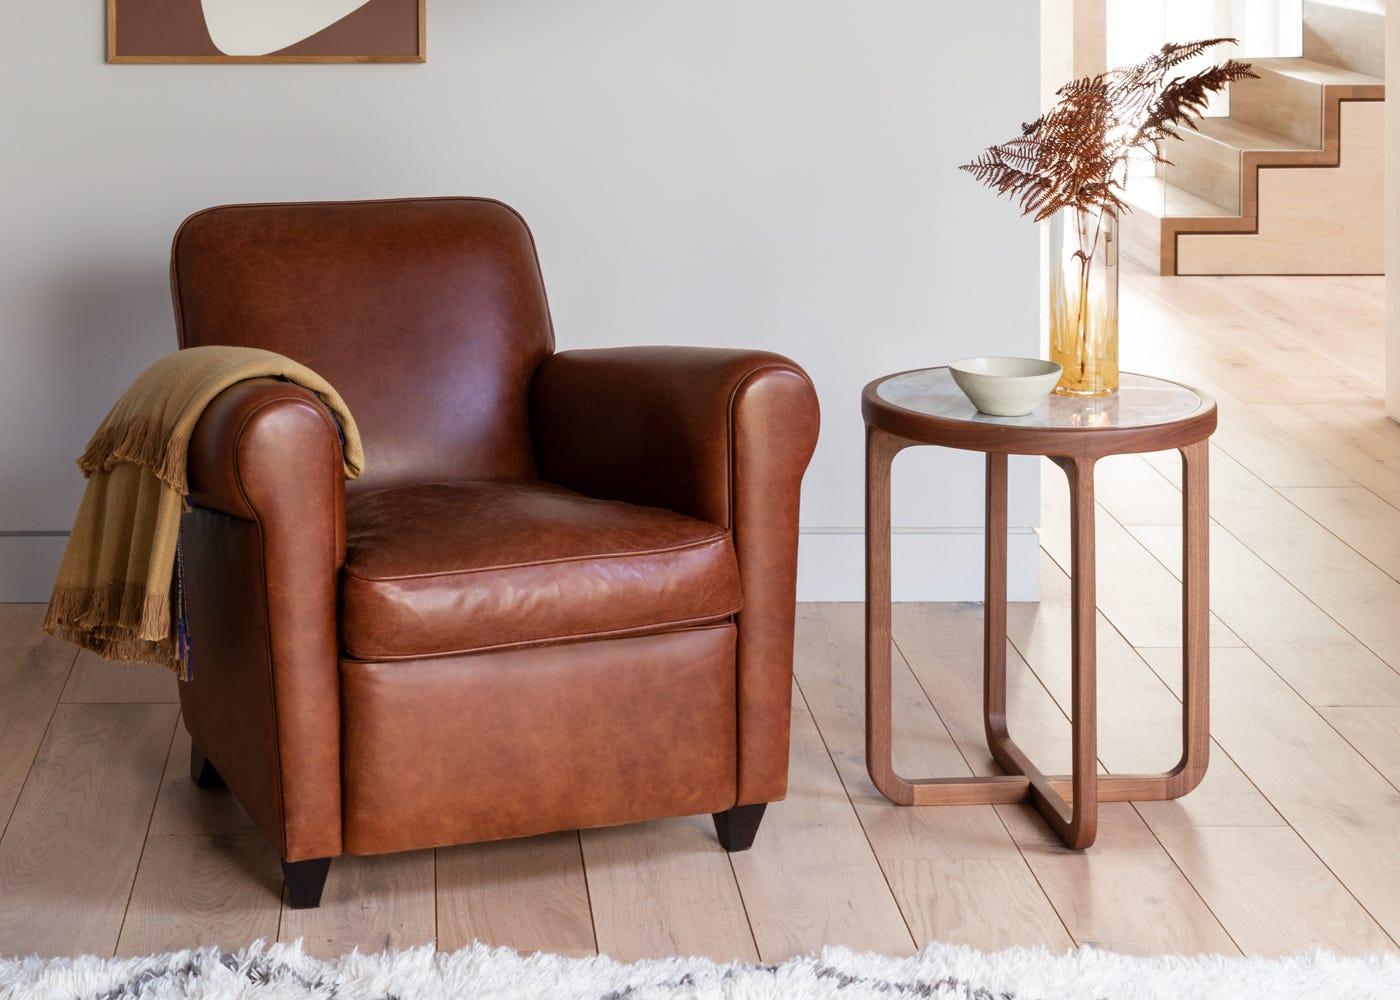 Barrington II Club Chair - Interior View